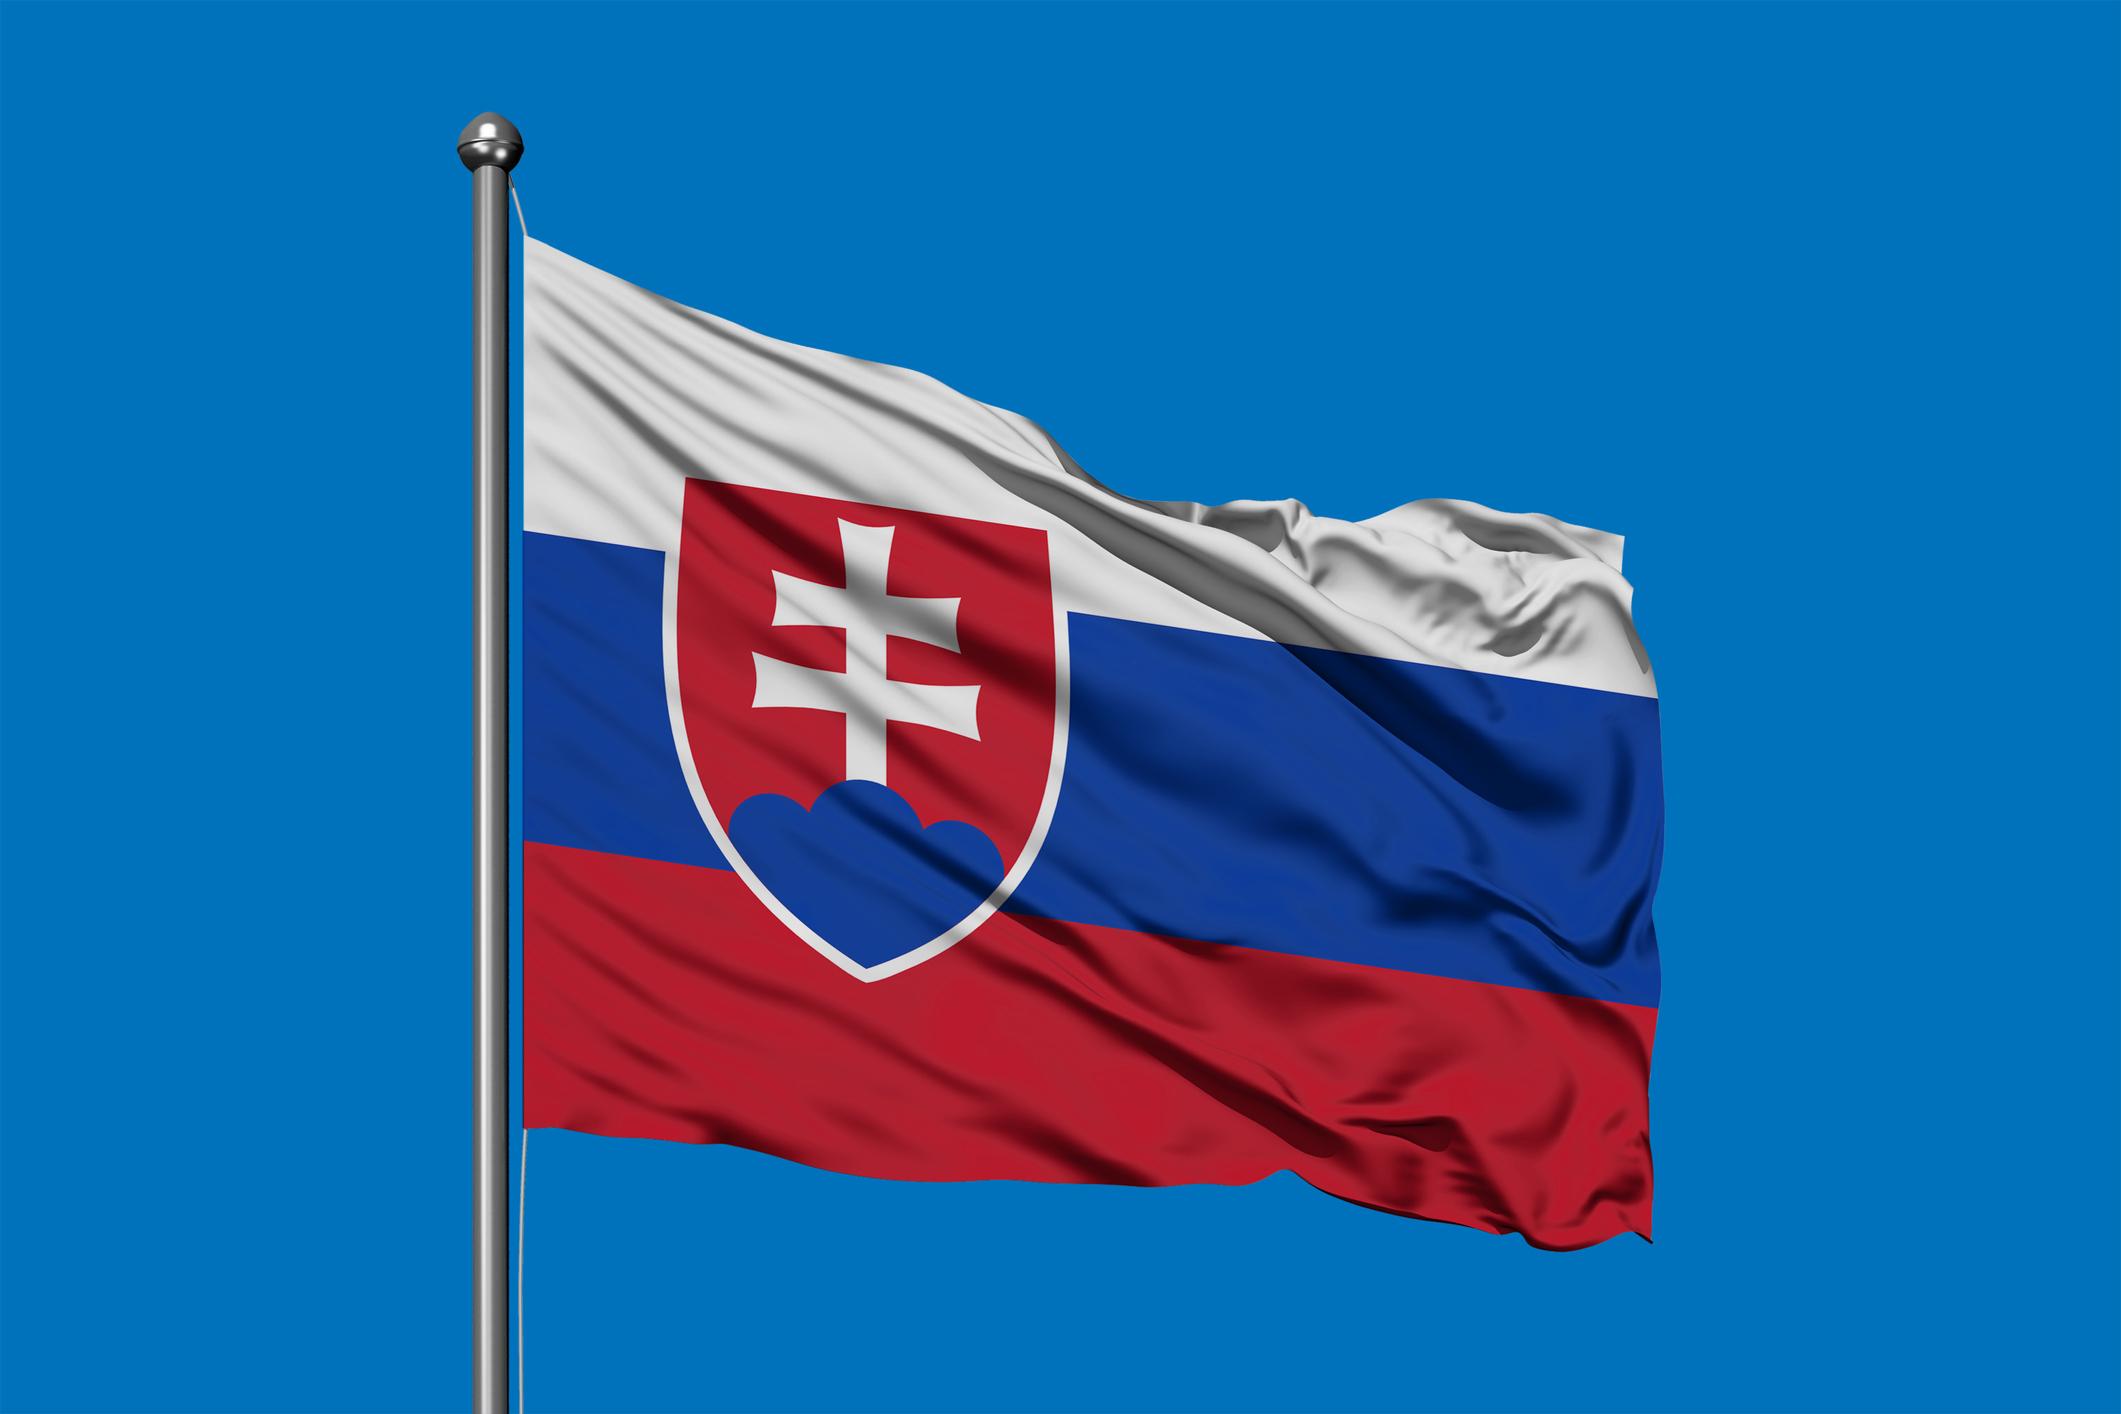 Flag of Slovakia waving in the wind against deep blue sky. Slovak flag.